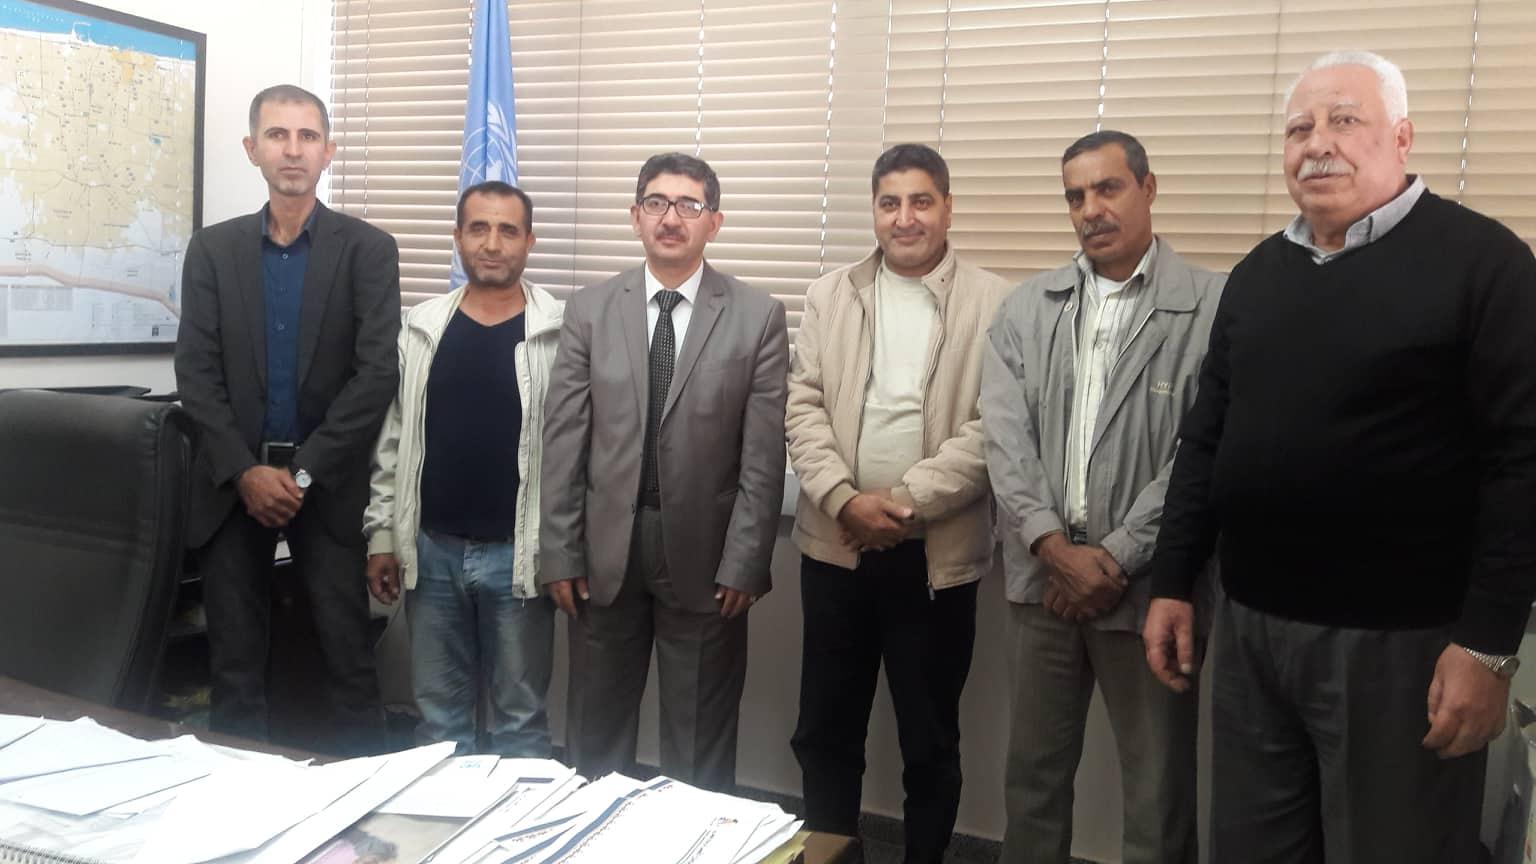 دائرة شؤن اللاجئين بـ«الديمقراطية» تلتقي رئيس مكتب مدير عمليات الوكالة في منطقة غزة